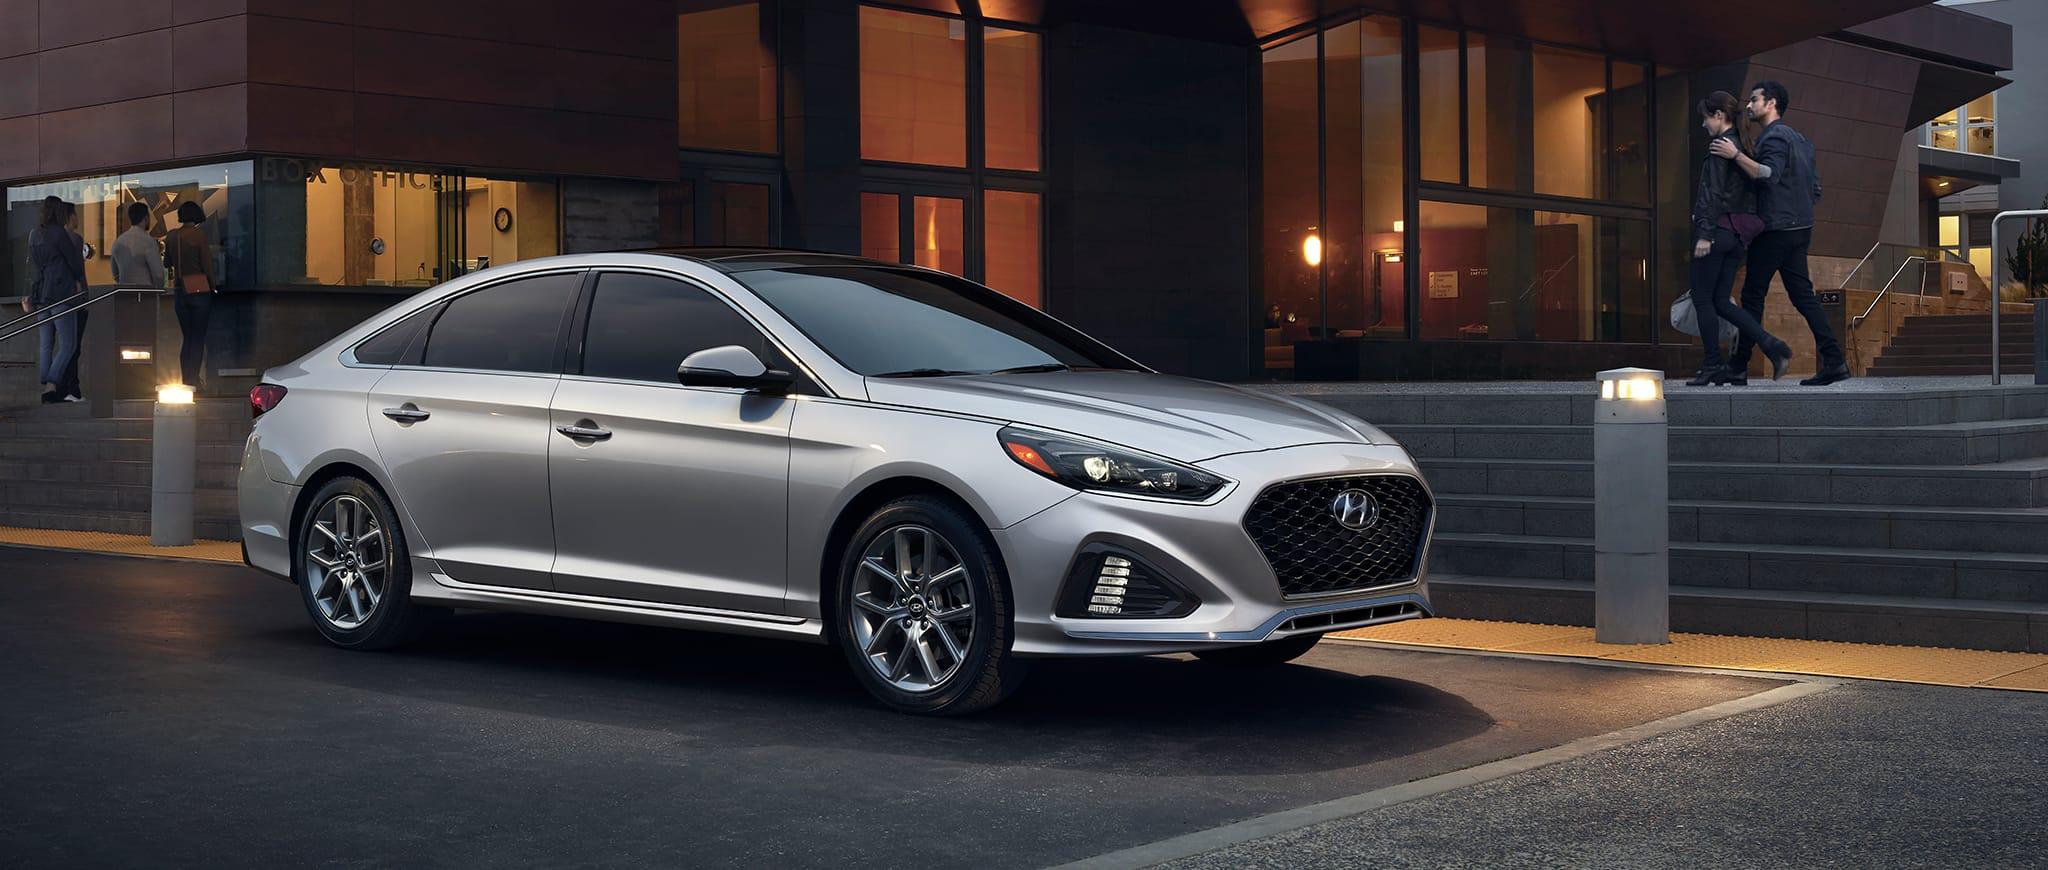 Hyundai Sonata 2018 para leasing cerca de Stafford, VA